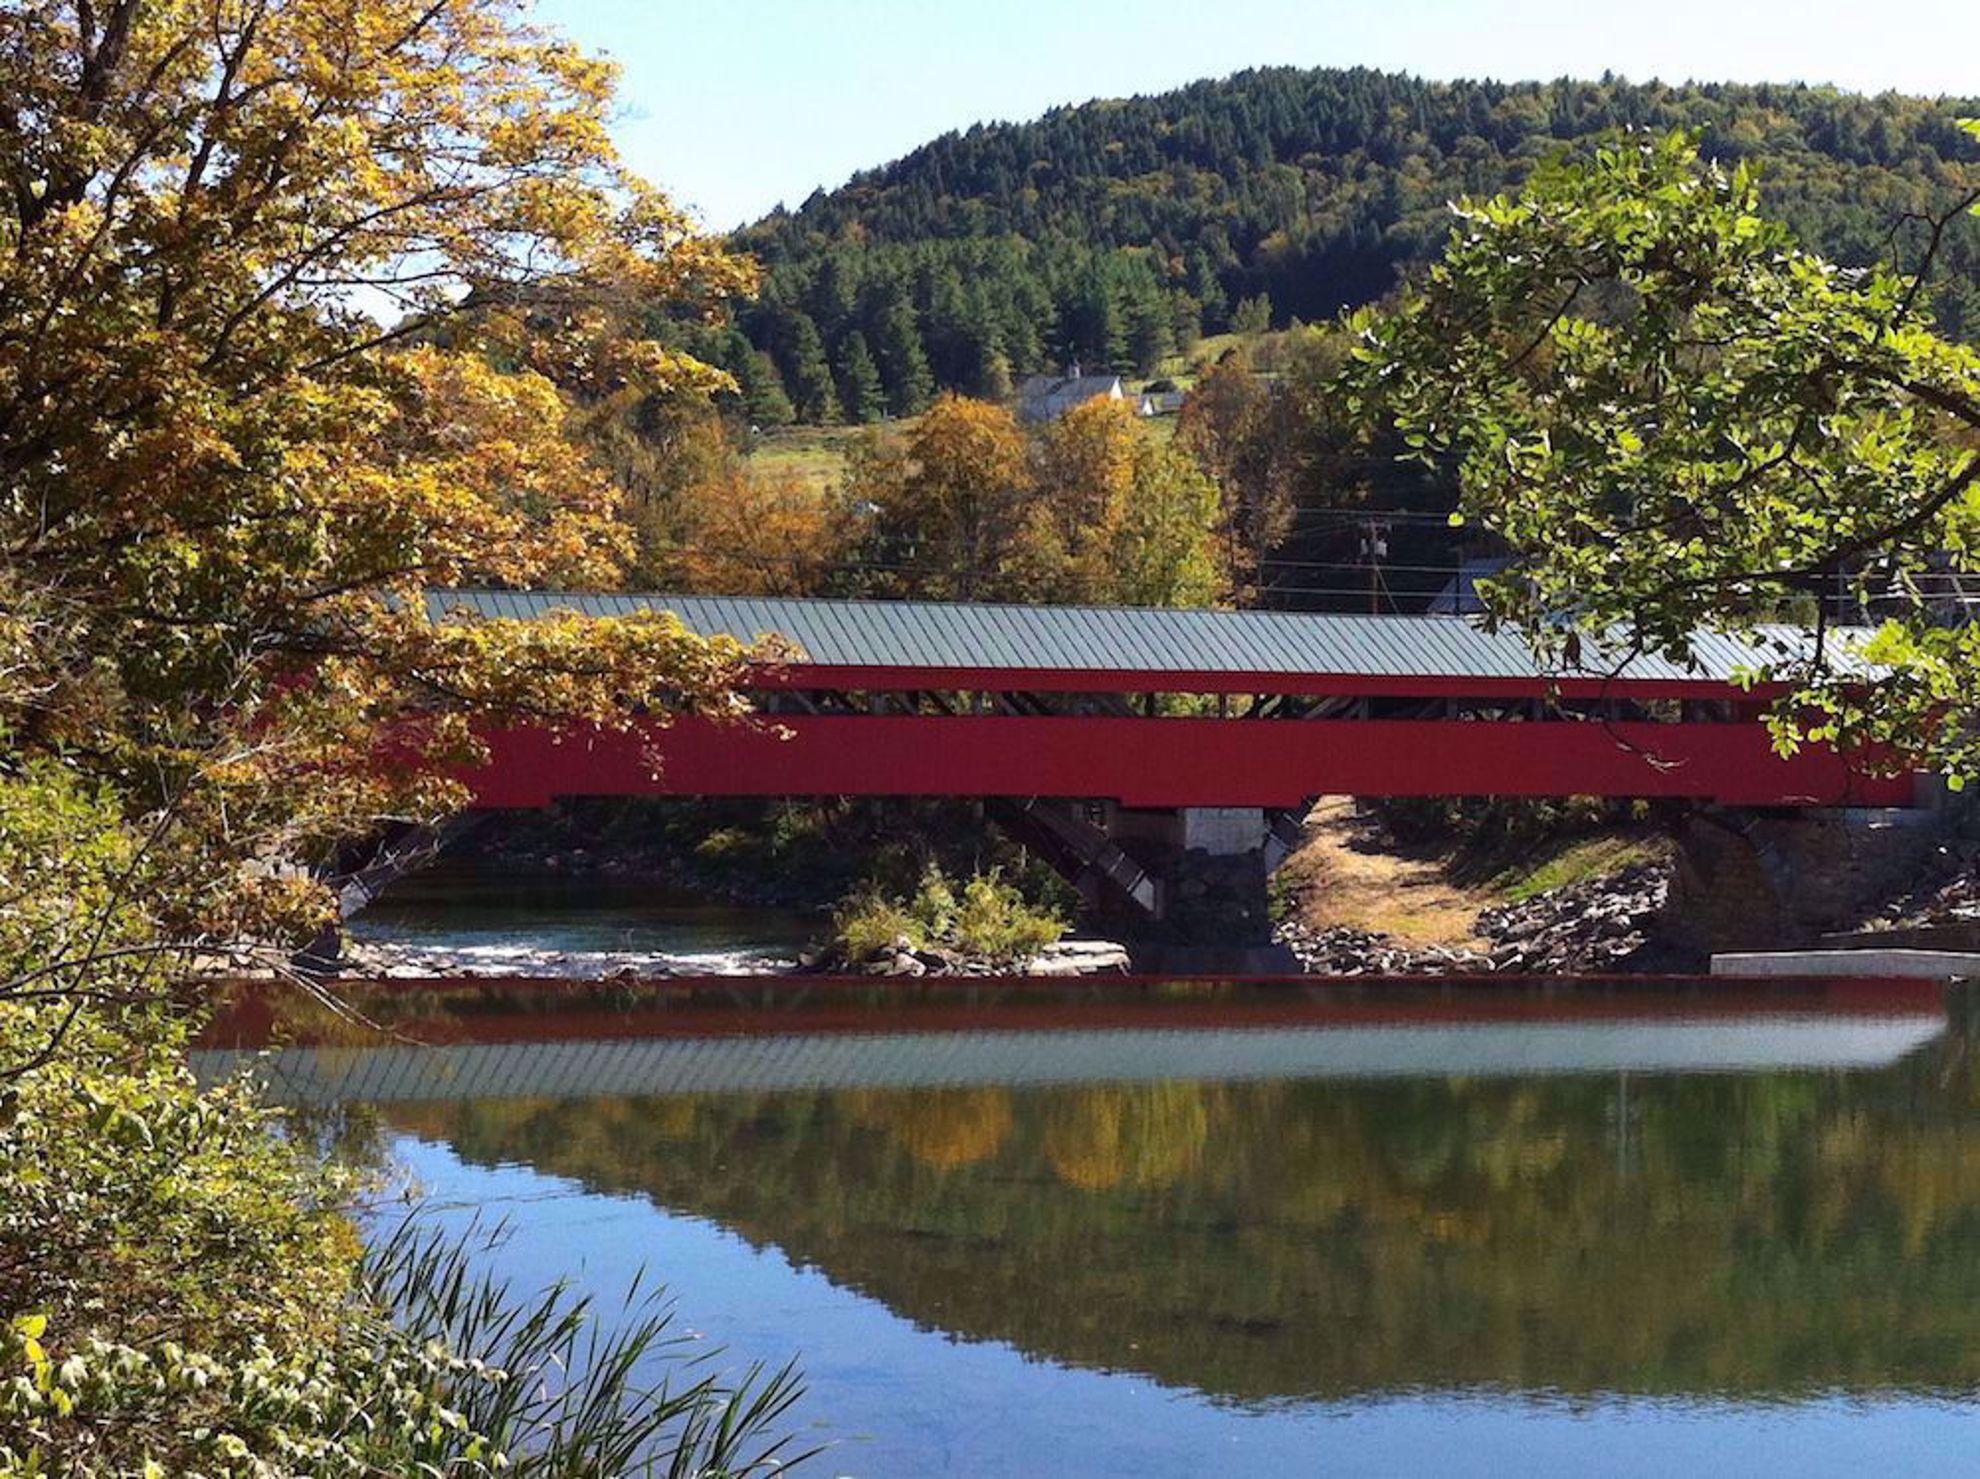 Taftsville covered bridge